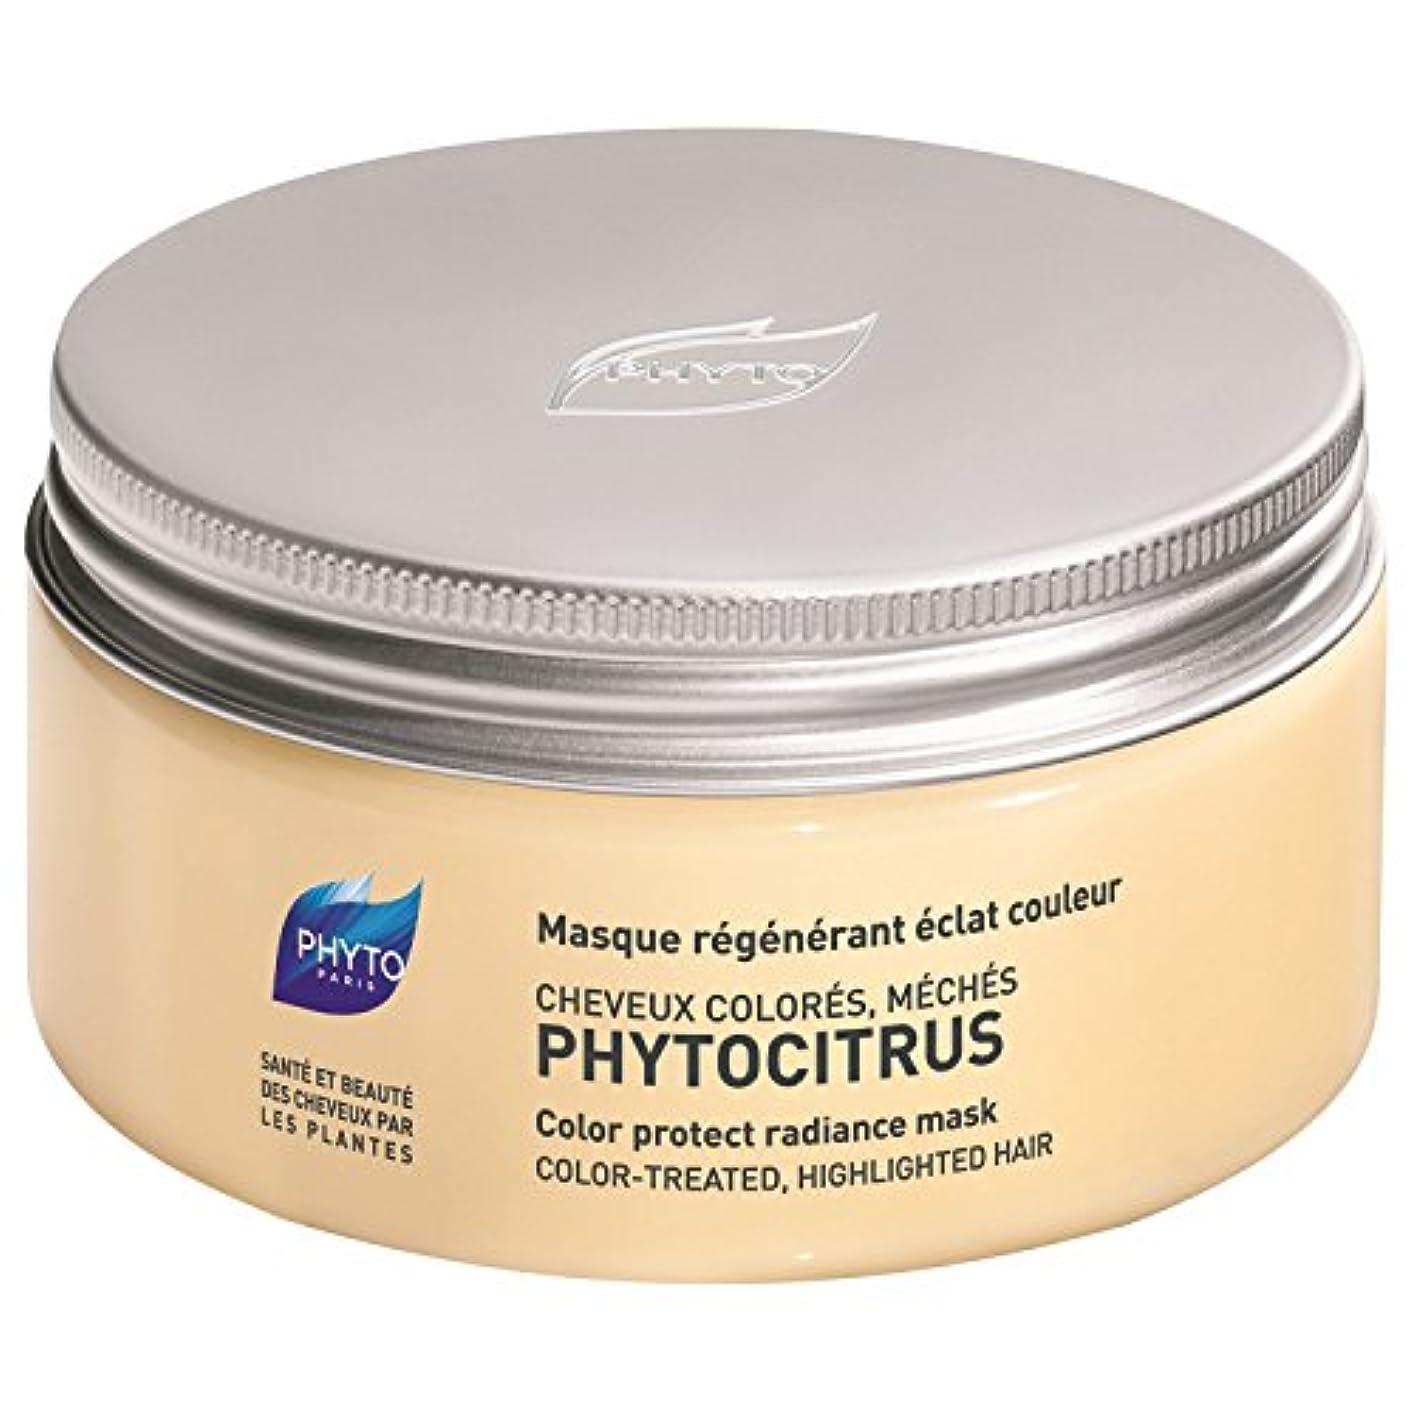 用心するリビジョン保守可能フィトPhytocitrus色保護放射輝度マスク200ミリリットル (Phyto) (x2) - Phyto Phytocitrus Colour Protect Radiance Mask 200ml (Pack of...